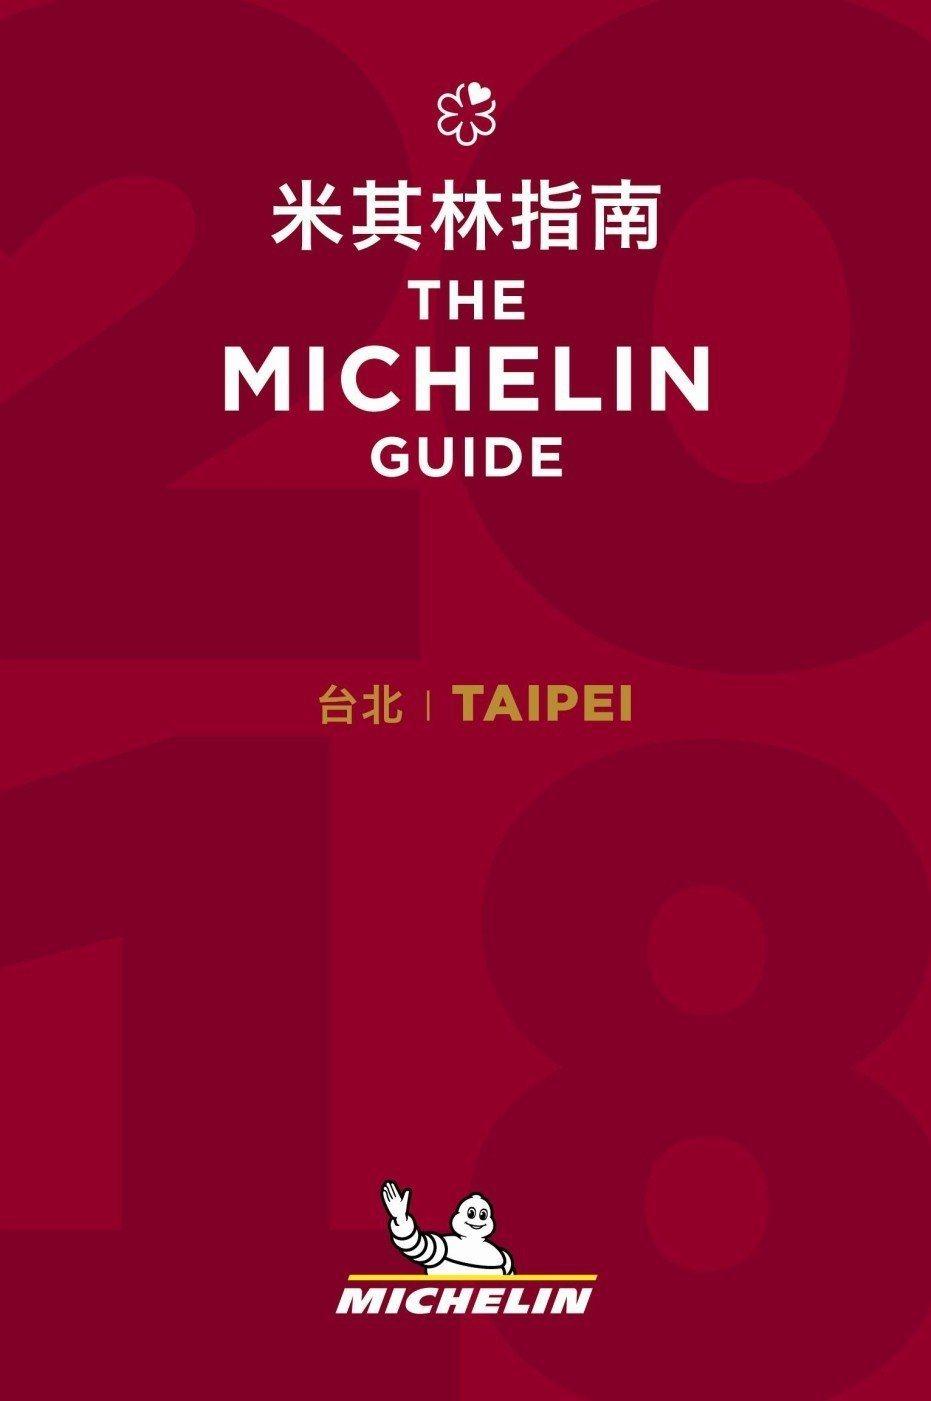 新版《台北米其林指南》即將在4月10日公布摘星餐廳名單。圖/本報系資料照